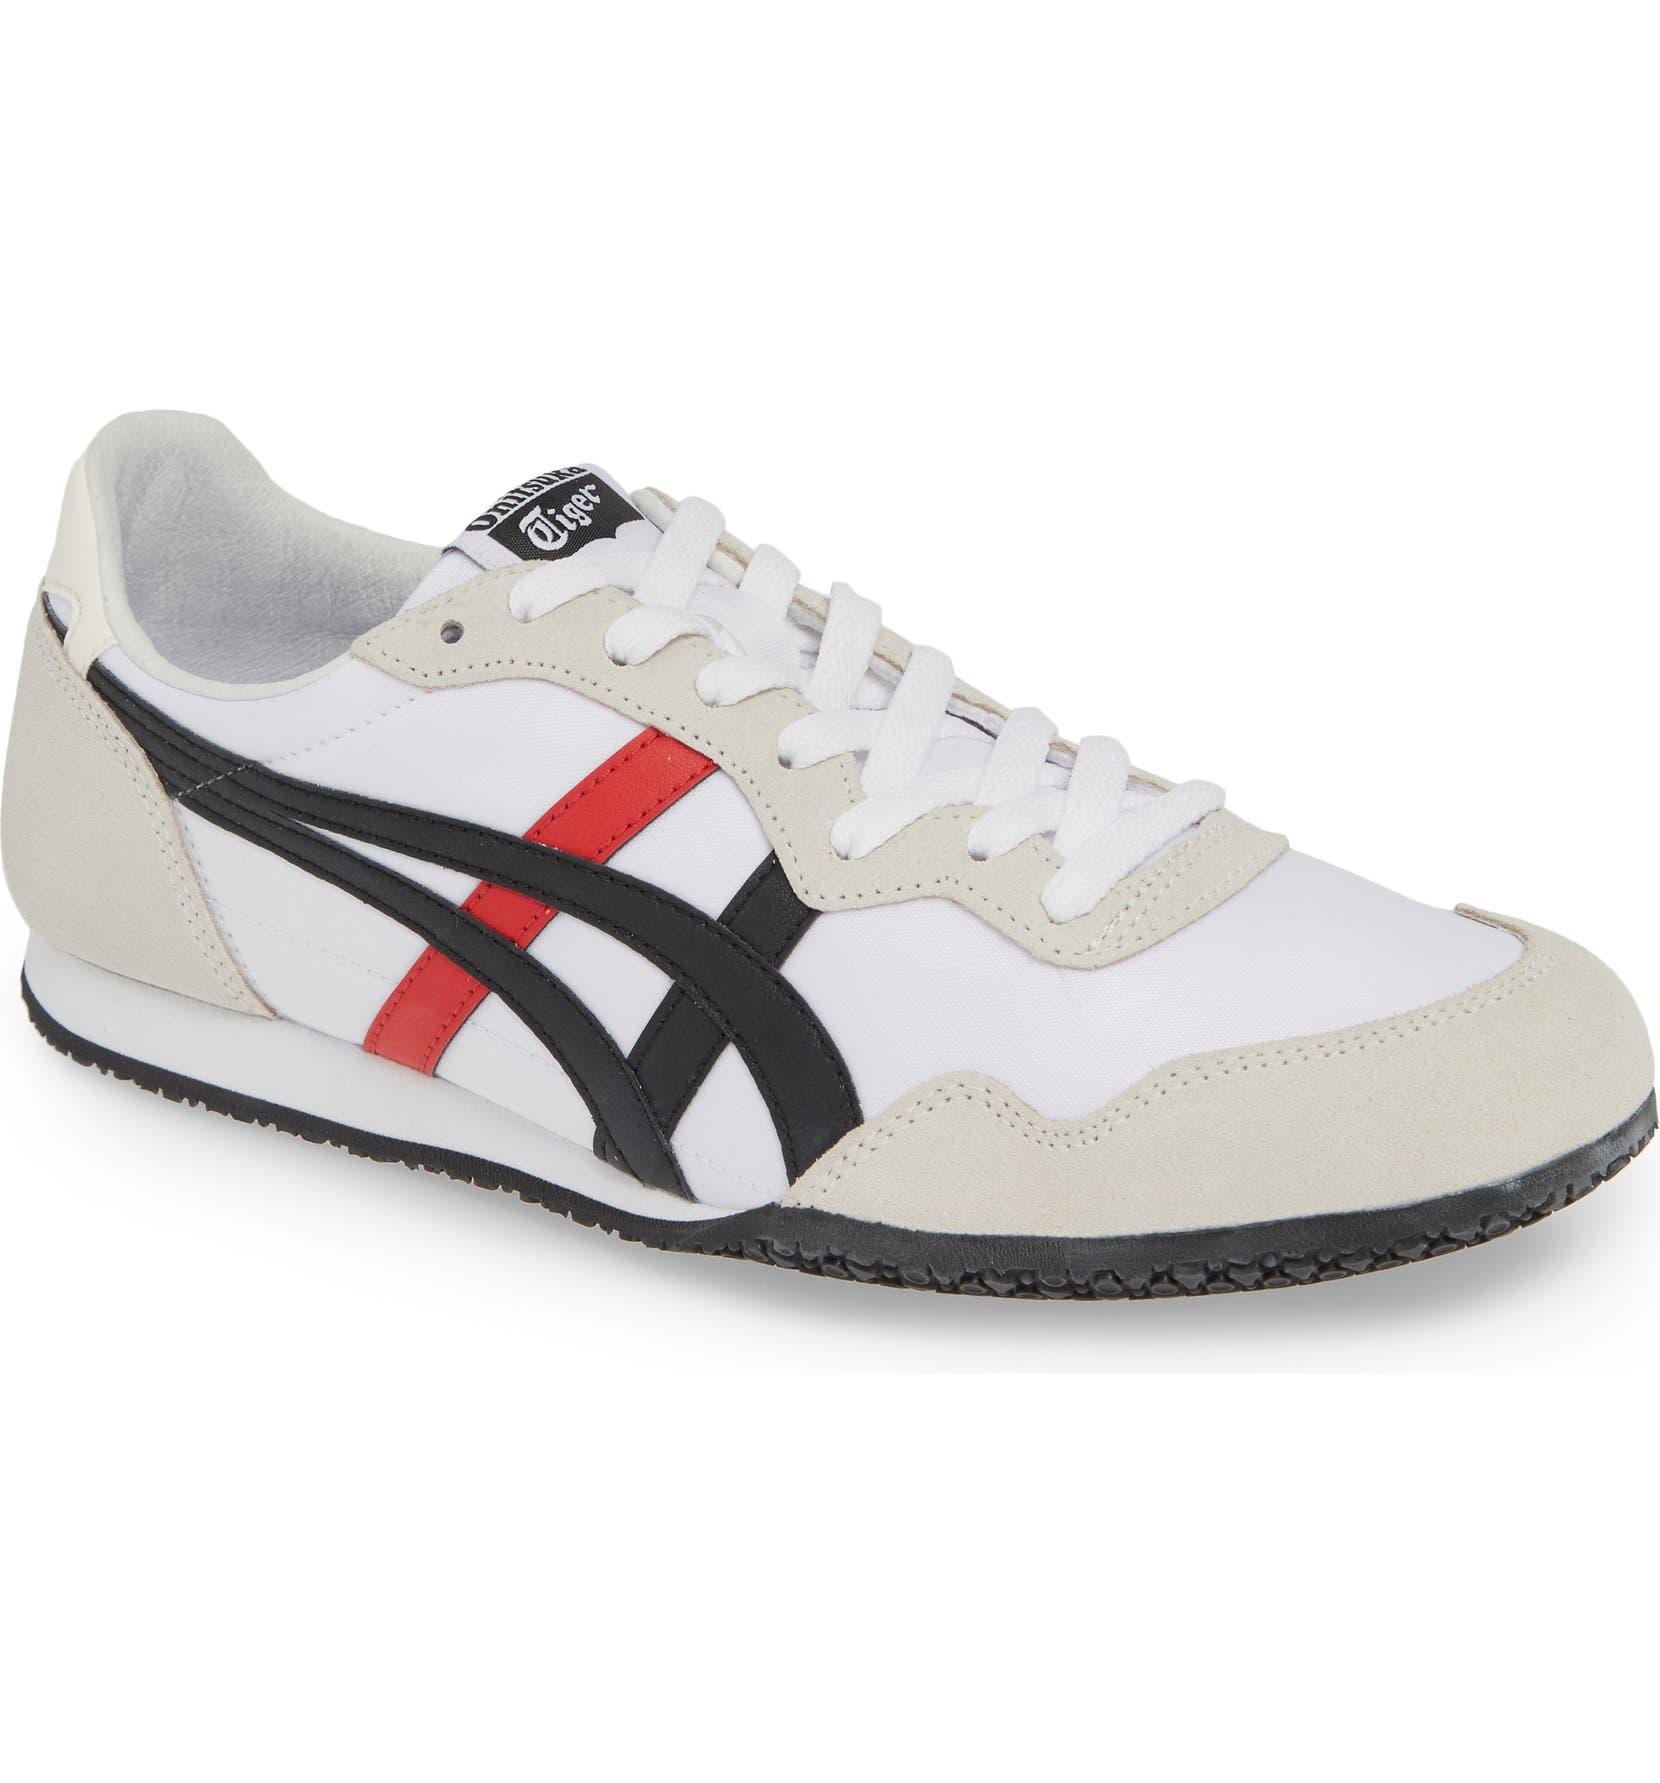 e7efef82547 'Serrano' Sneaker